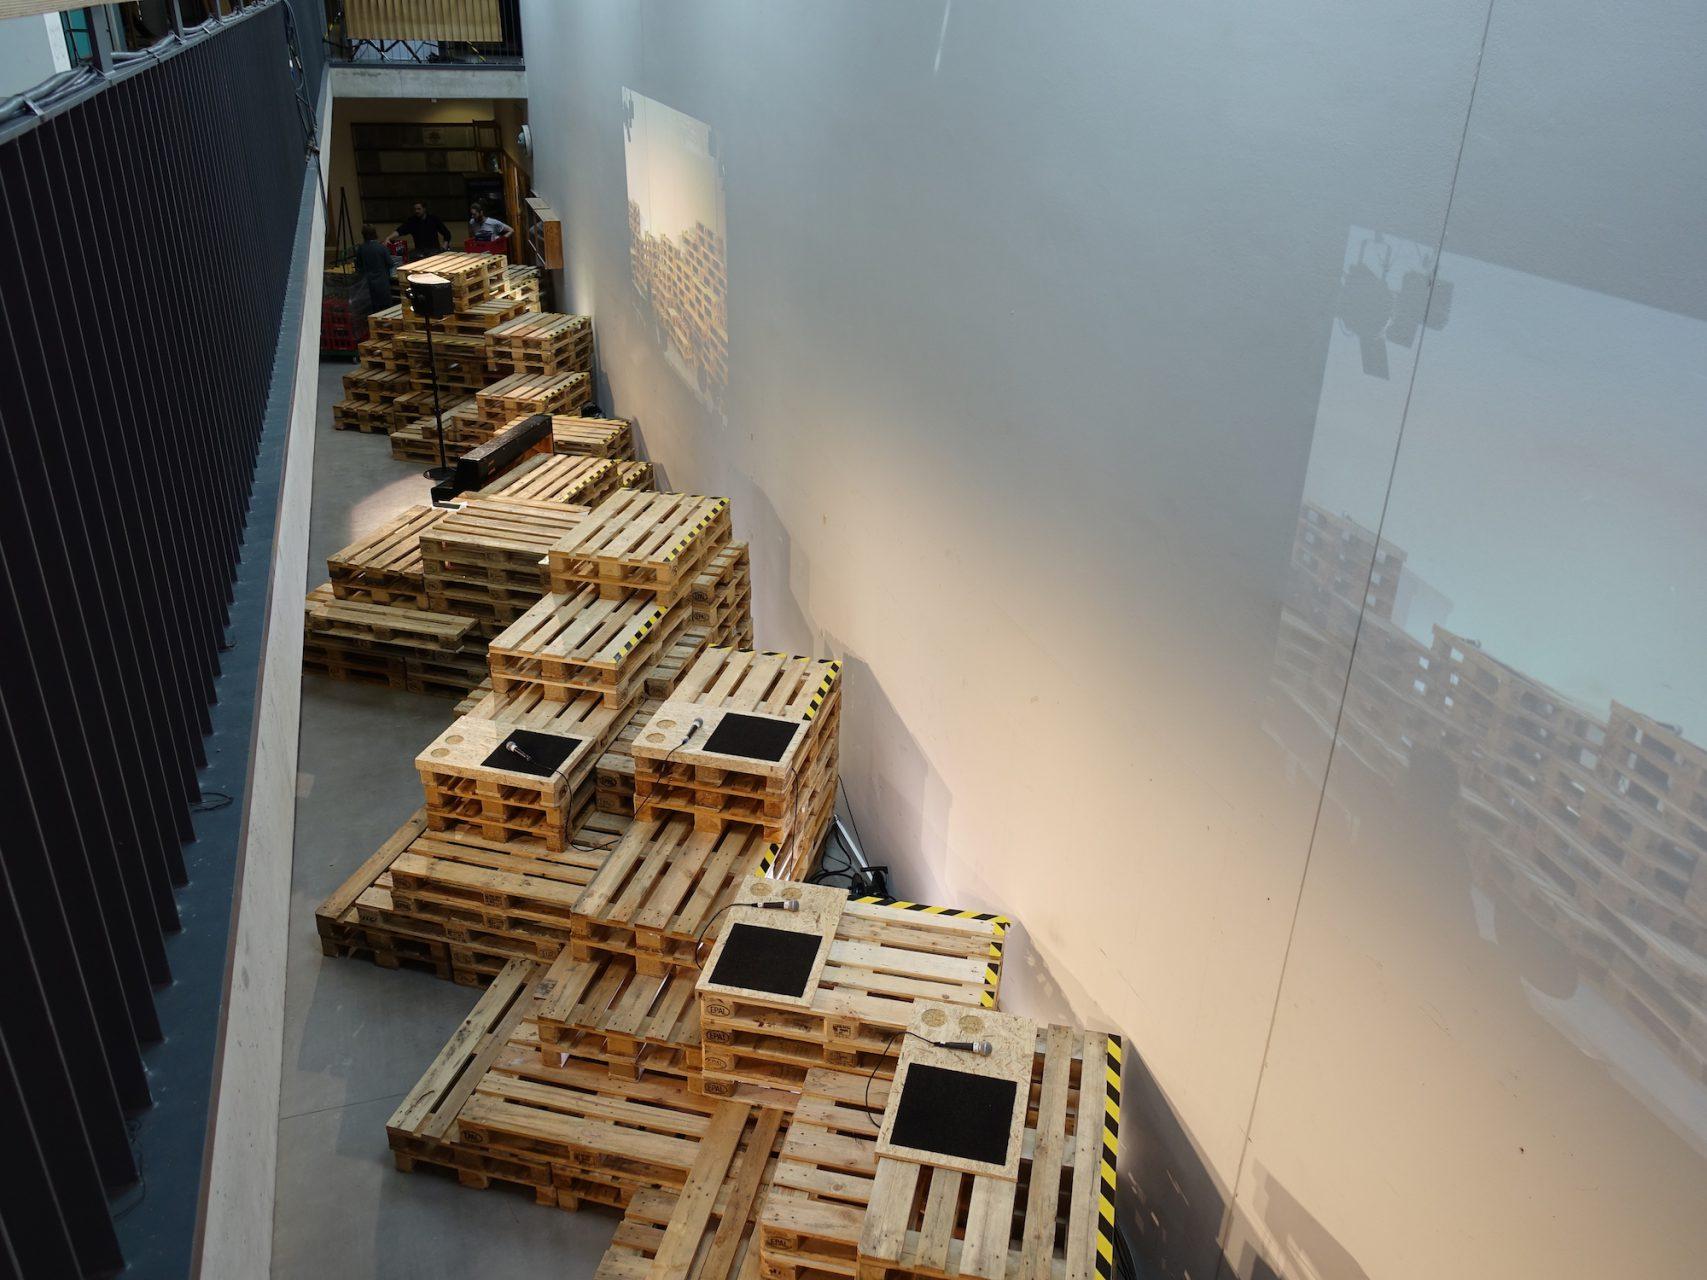 Vom Modell zu 25 m Bühne aus 400 Paletten. Die Palettenlandschaft verband zudem drei Projektionen und drei live Kameras. © Jörg Kiefel